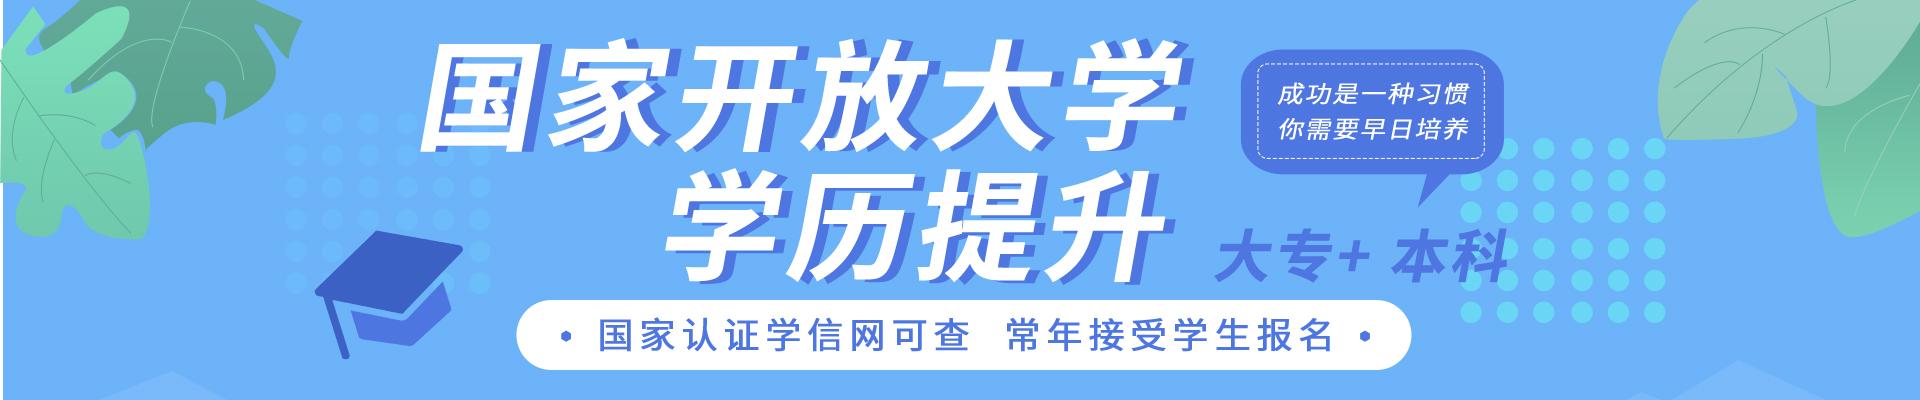 国家开放大学-武汉万通汽修学校